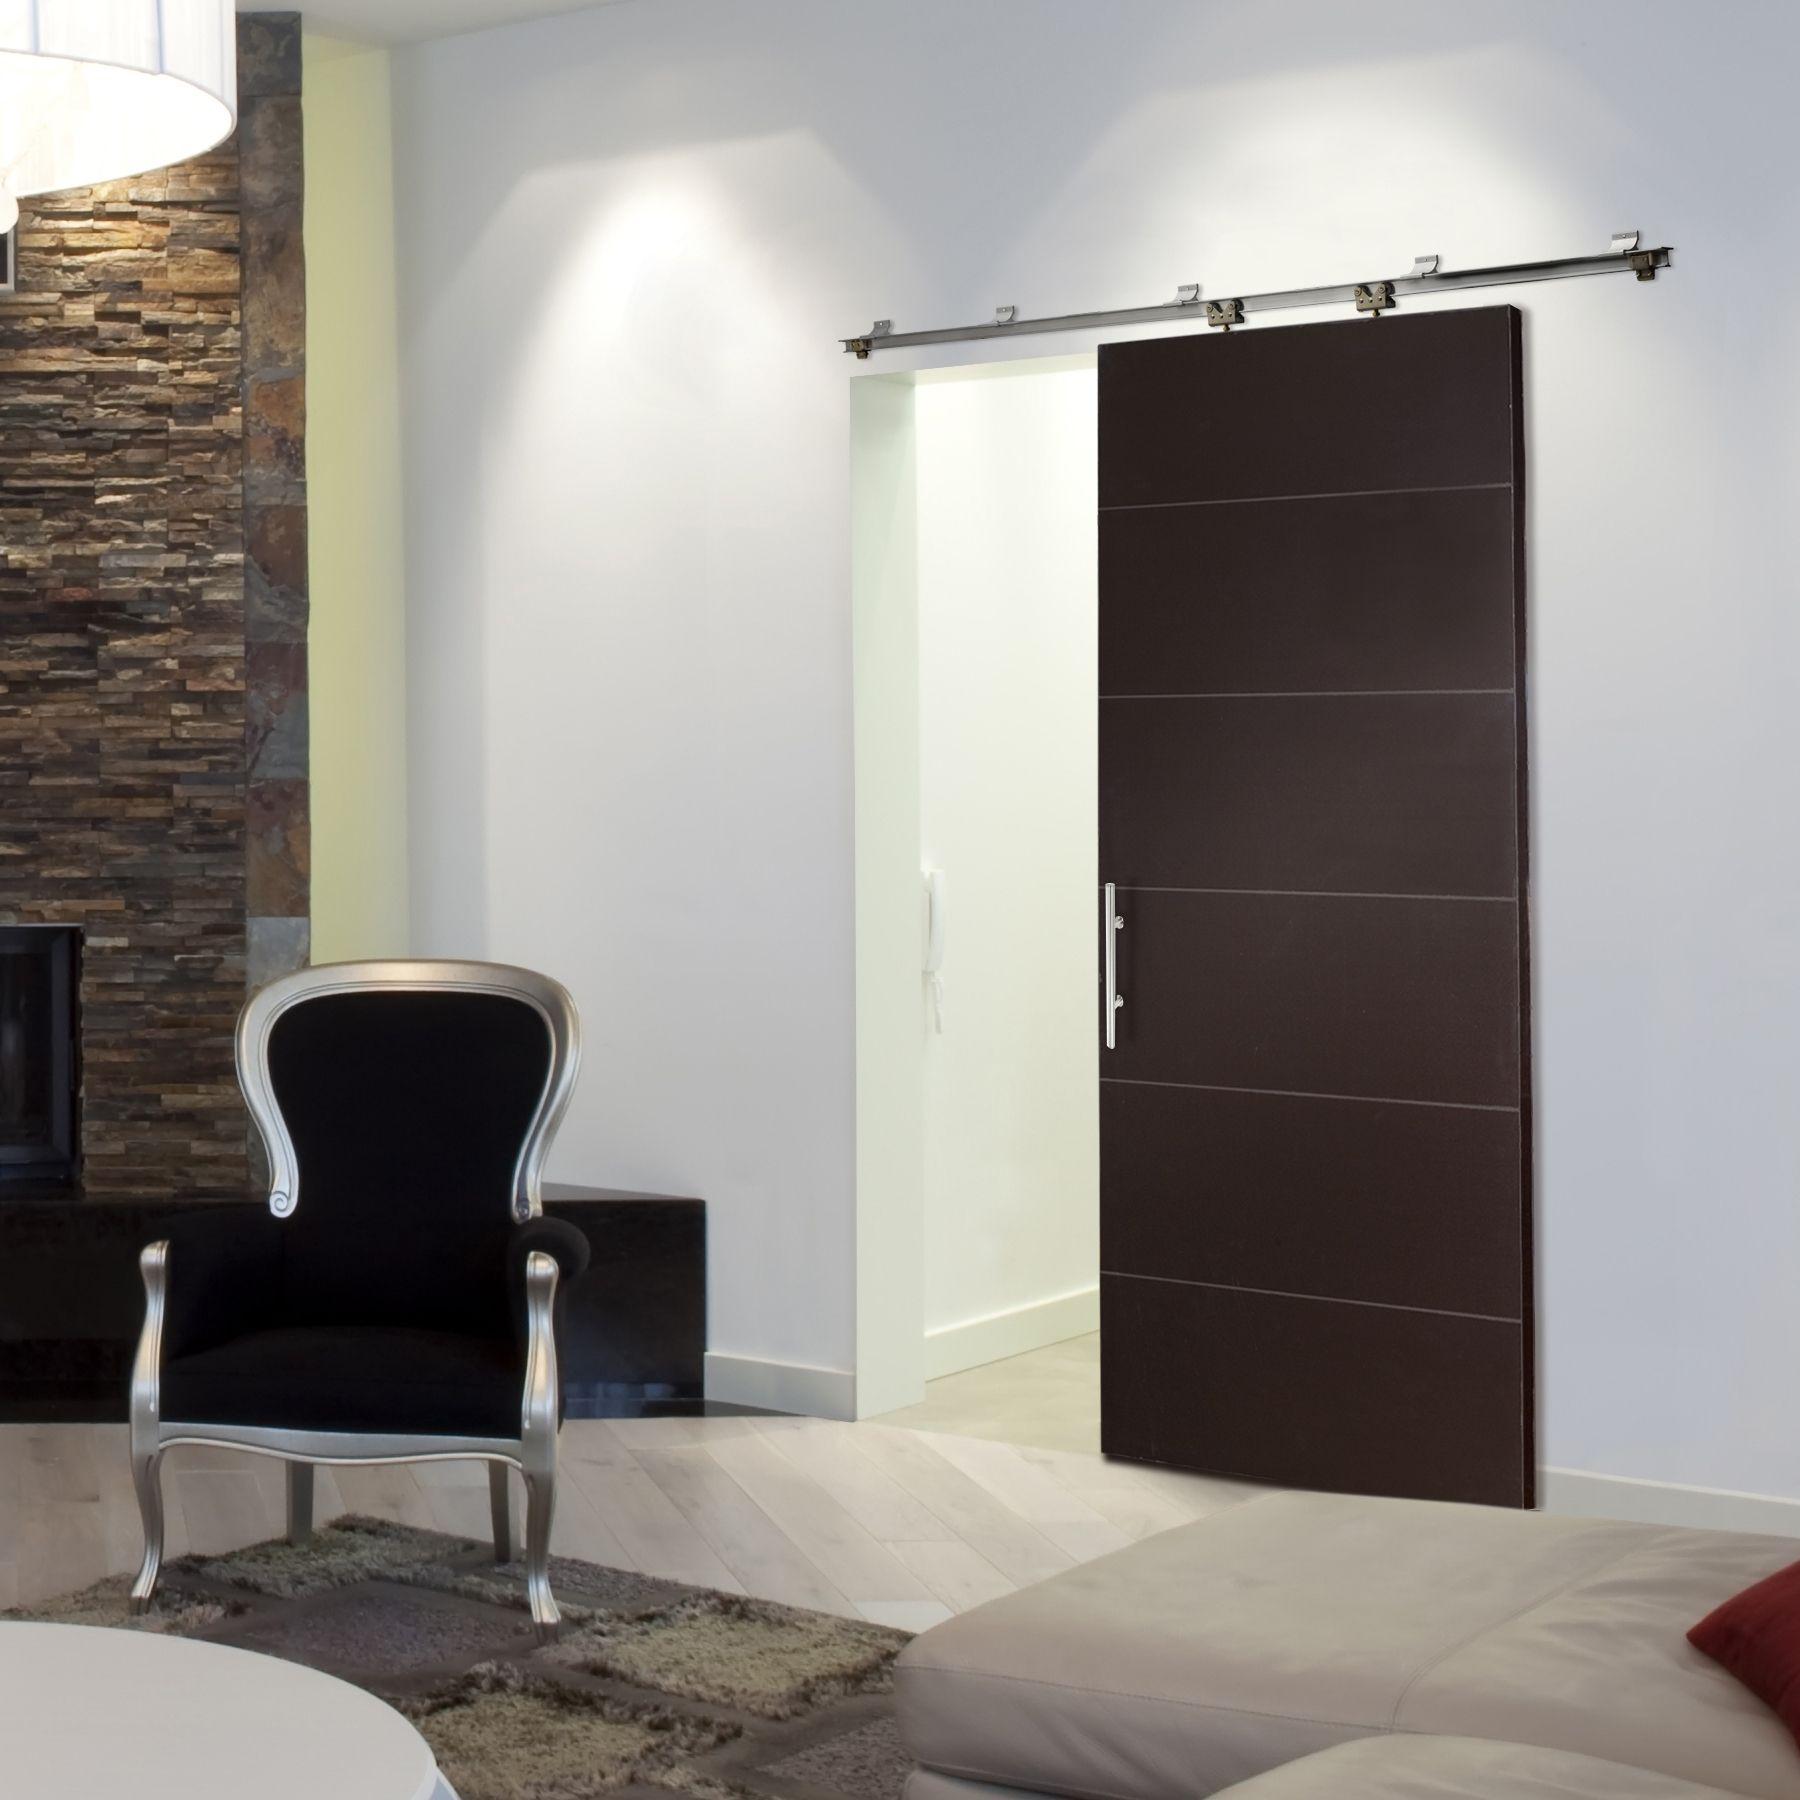 Puertas Correderas De Cristal Para Baos Puertas Plegables A  ~ Puertas Correderas De Cristal Para Baños